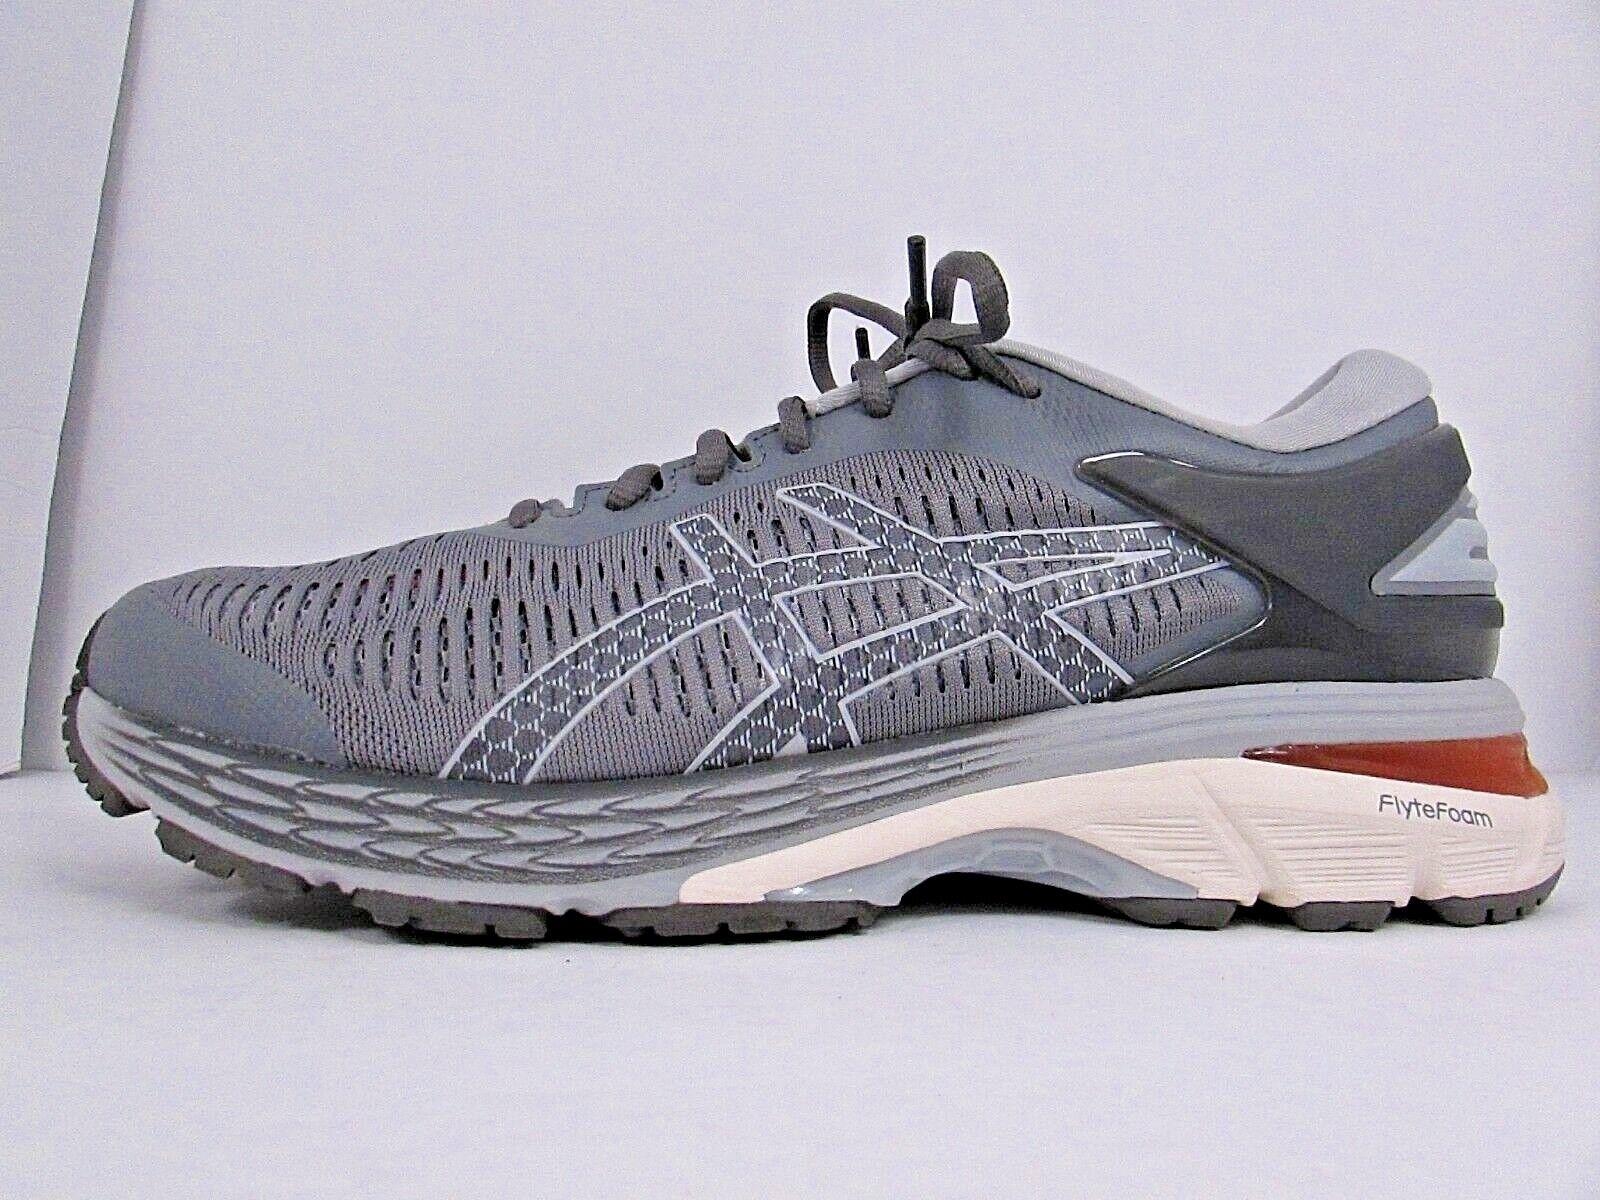 WOMEN'S ASICS GEL KAYANO 25 size 10 (D) WIDE  WORN AROUND 3 MILES  RUNNING